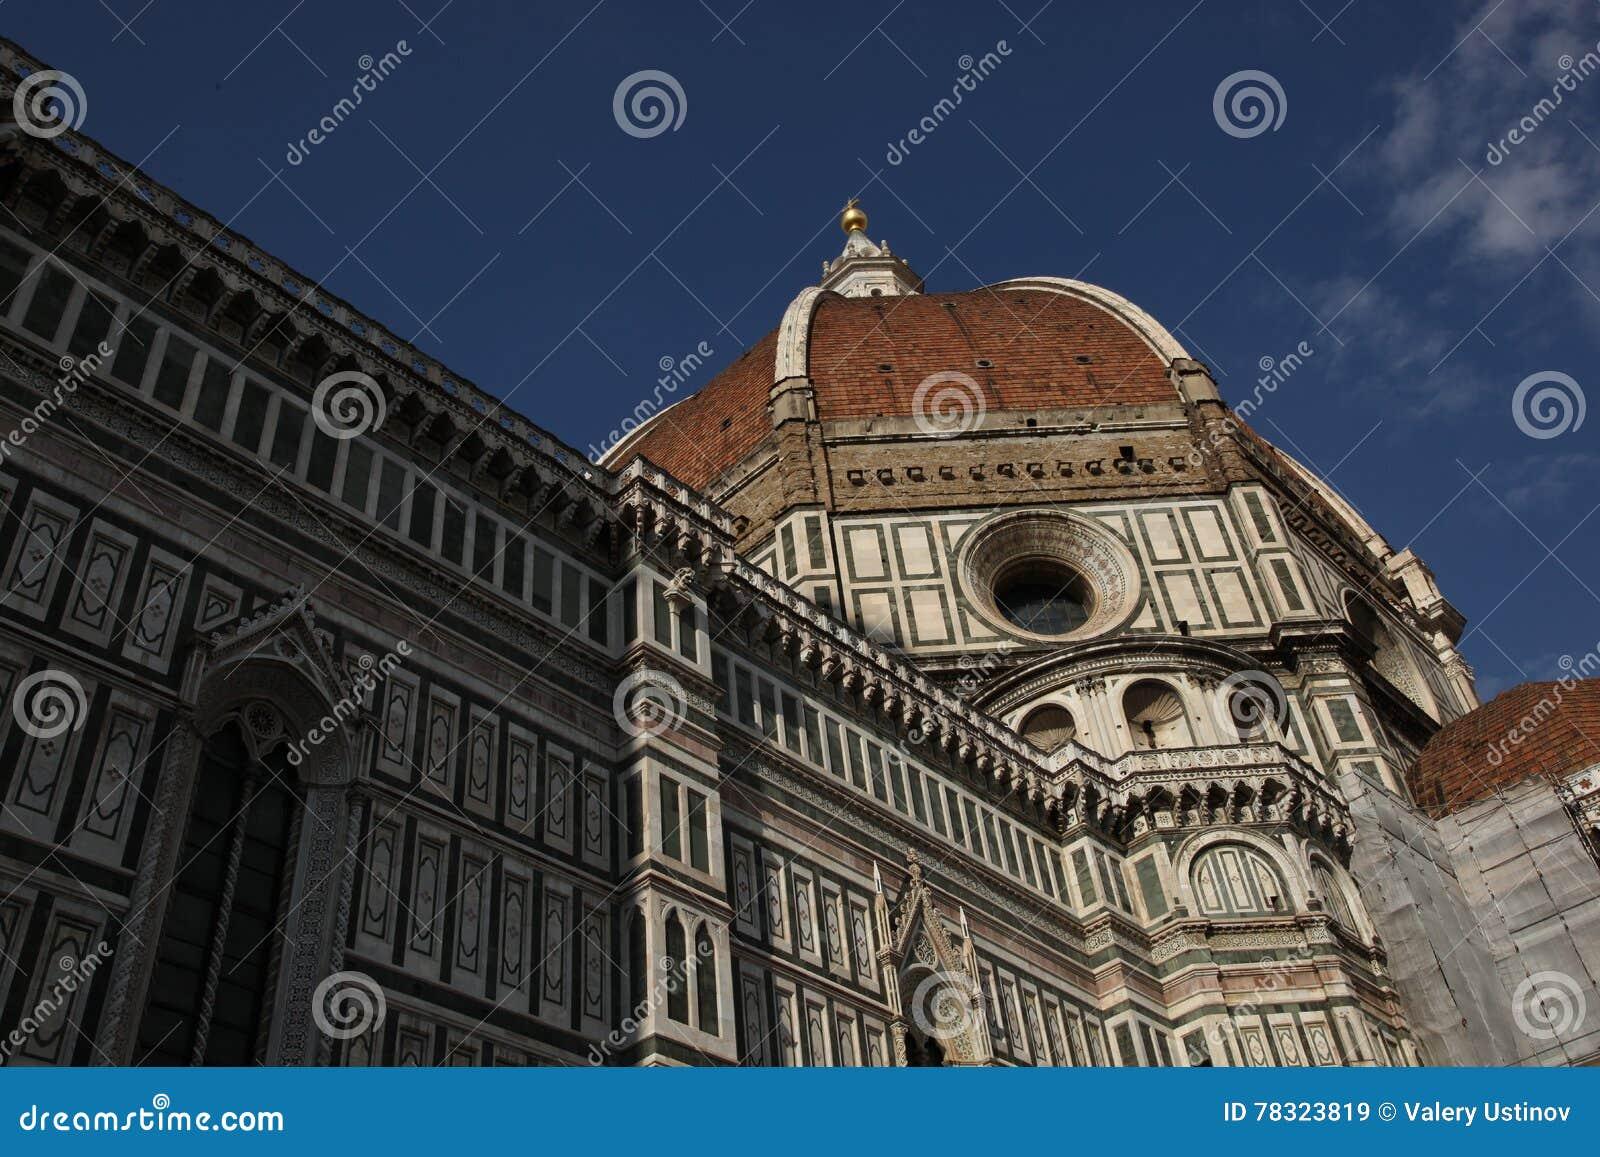 Cattedrale di Santa Maria del Fiore, Firenze, Italia